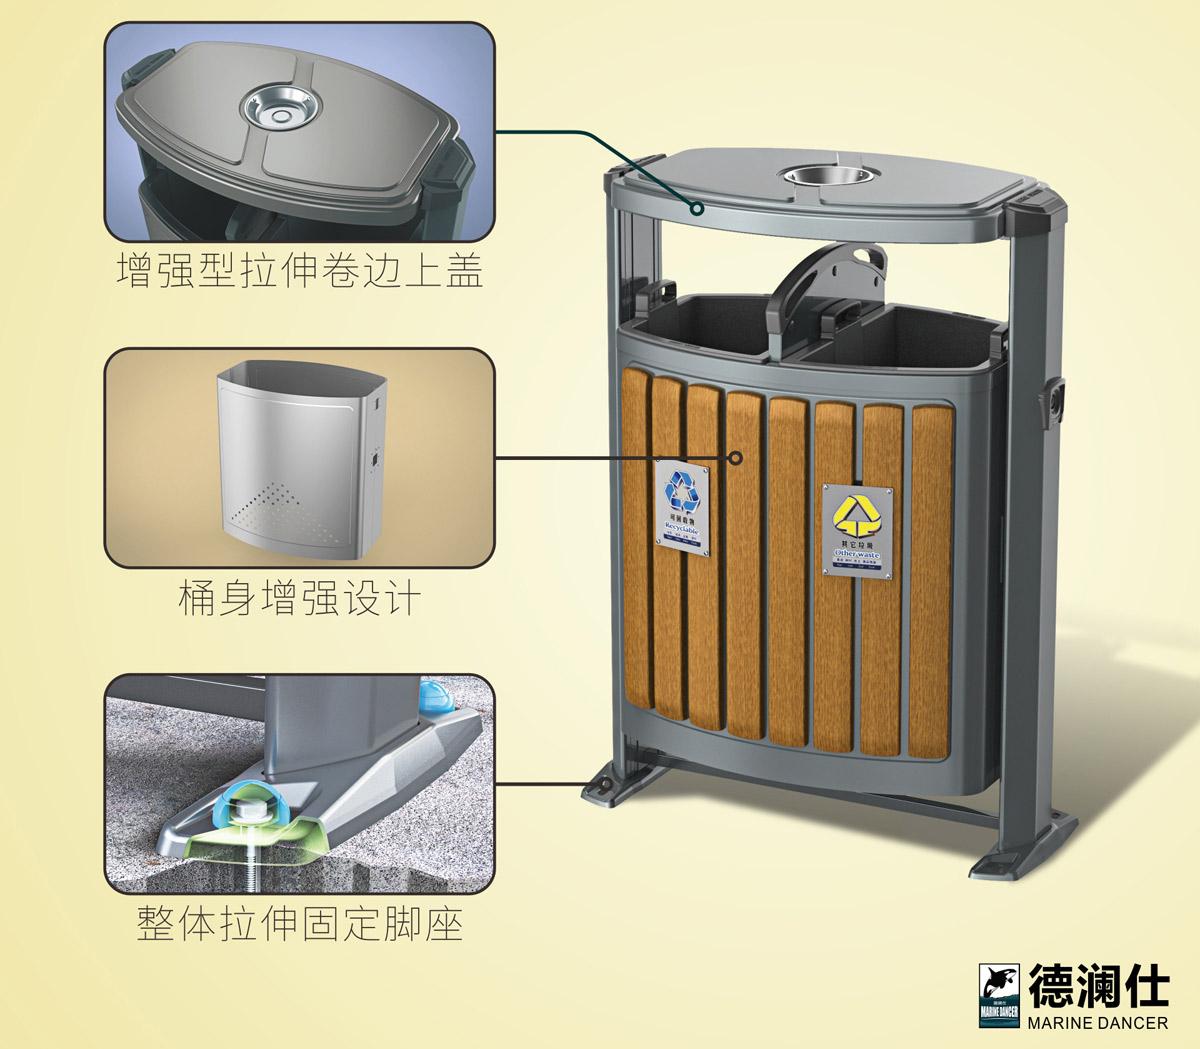 镀锌板金属垃圾桶10.jpg